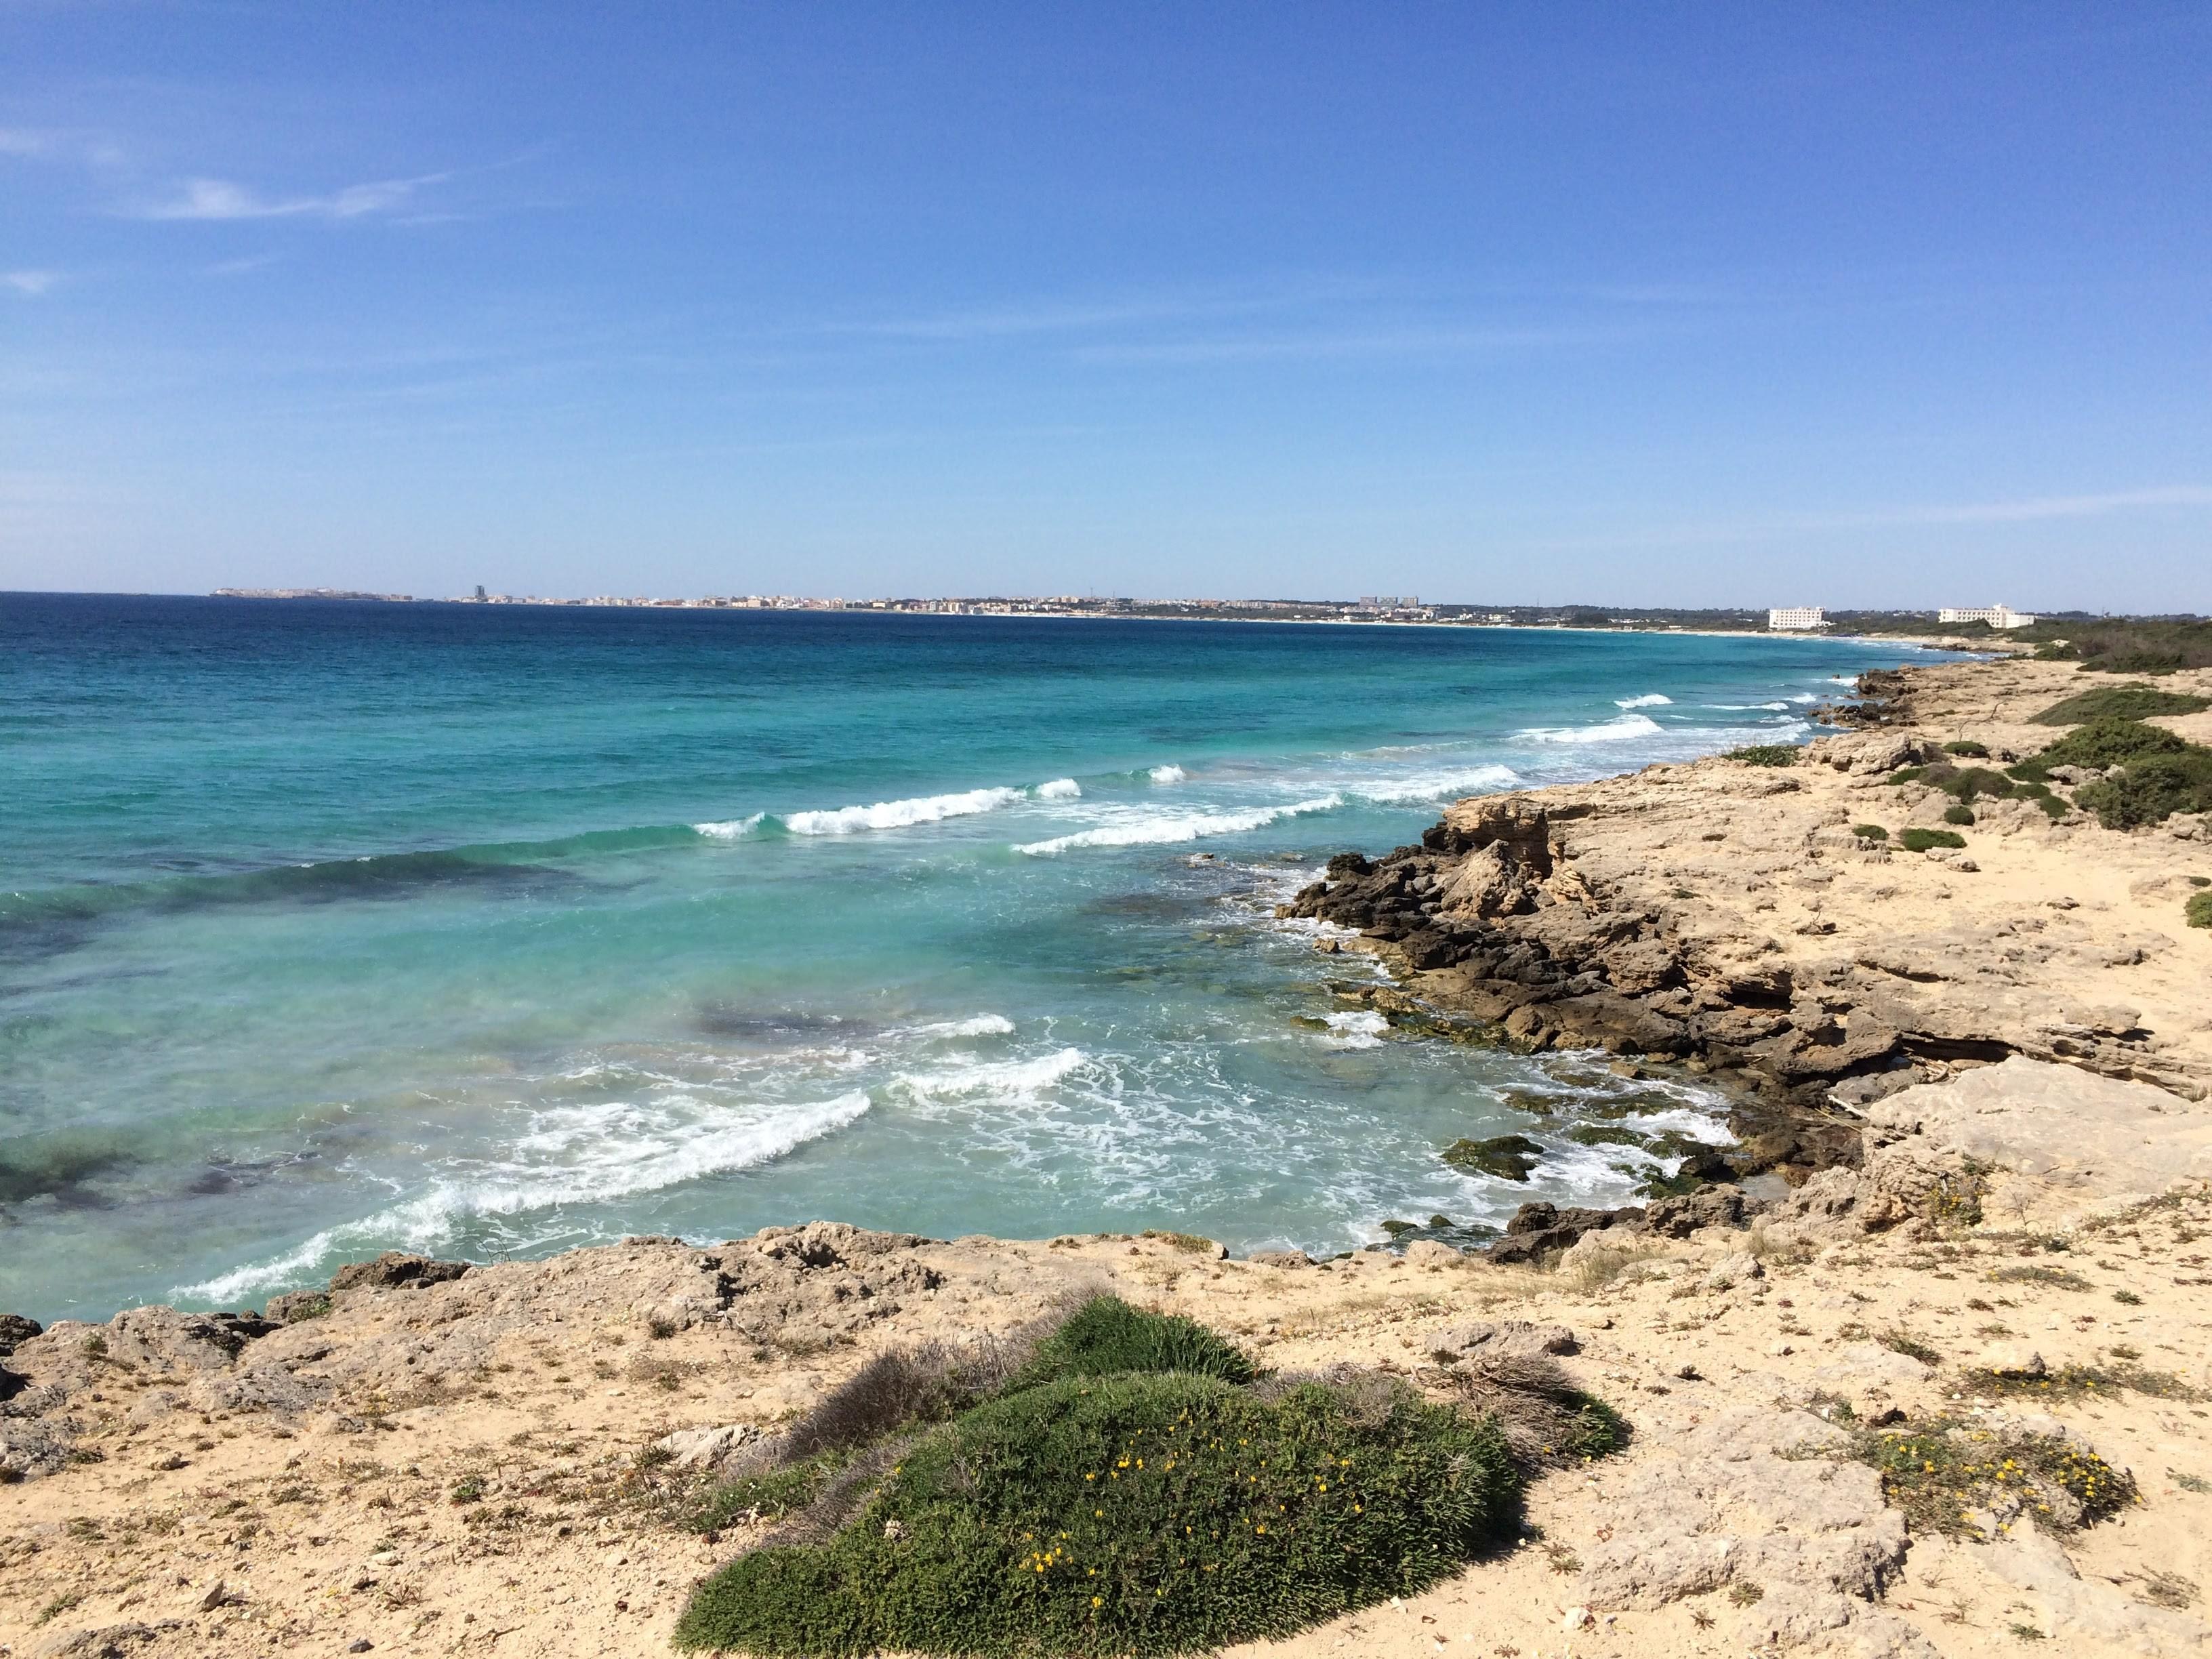 Visita guidata alla città di Gallipoli e dintorni